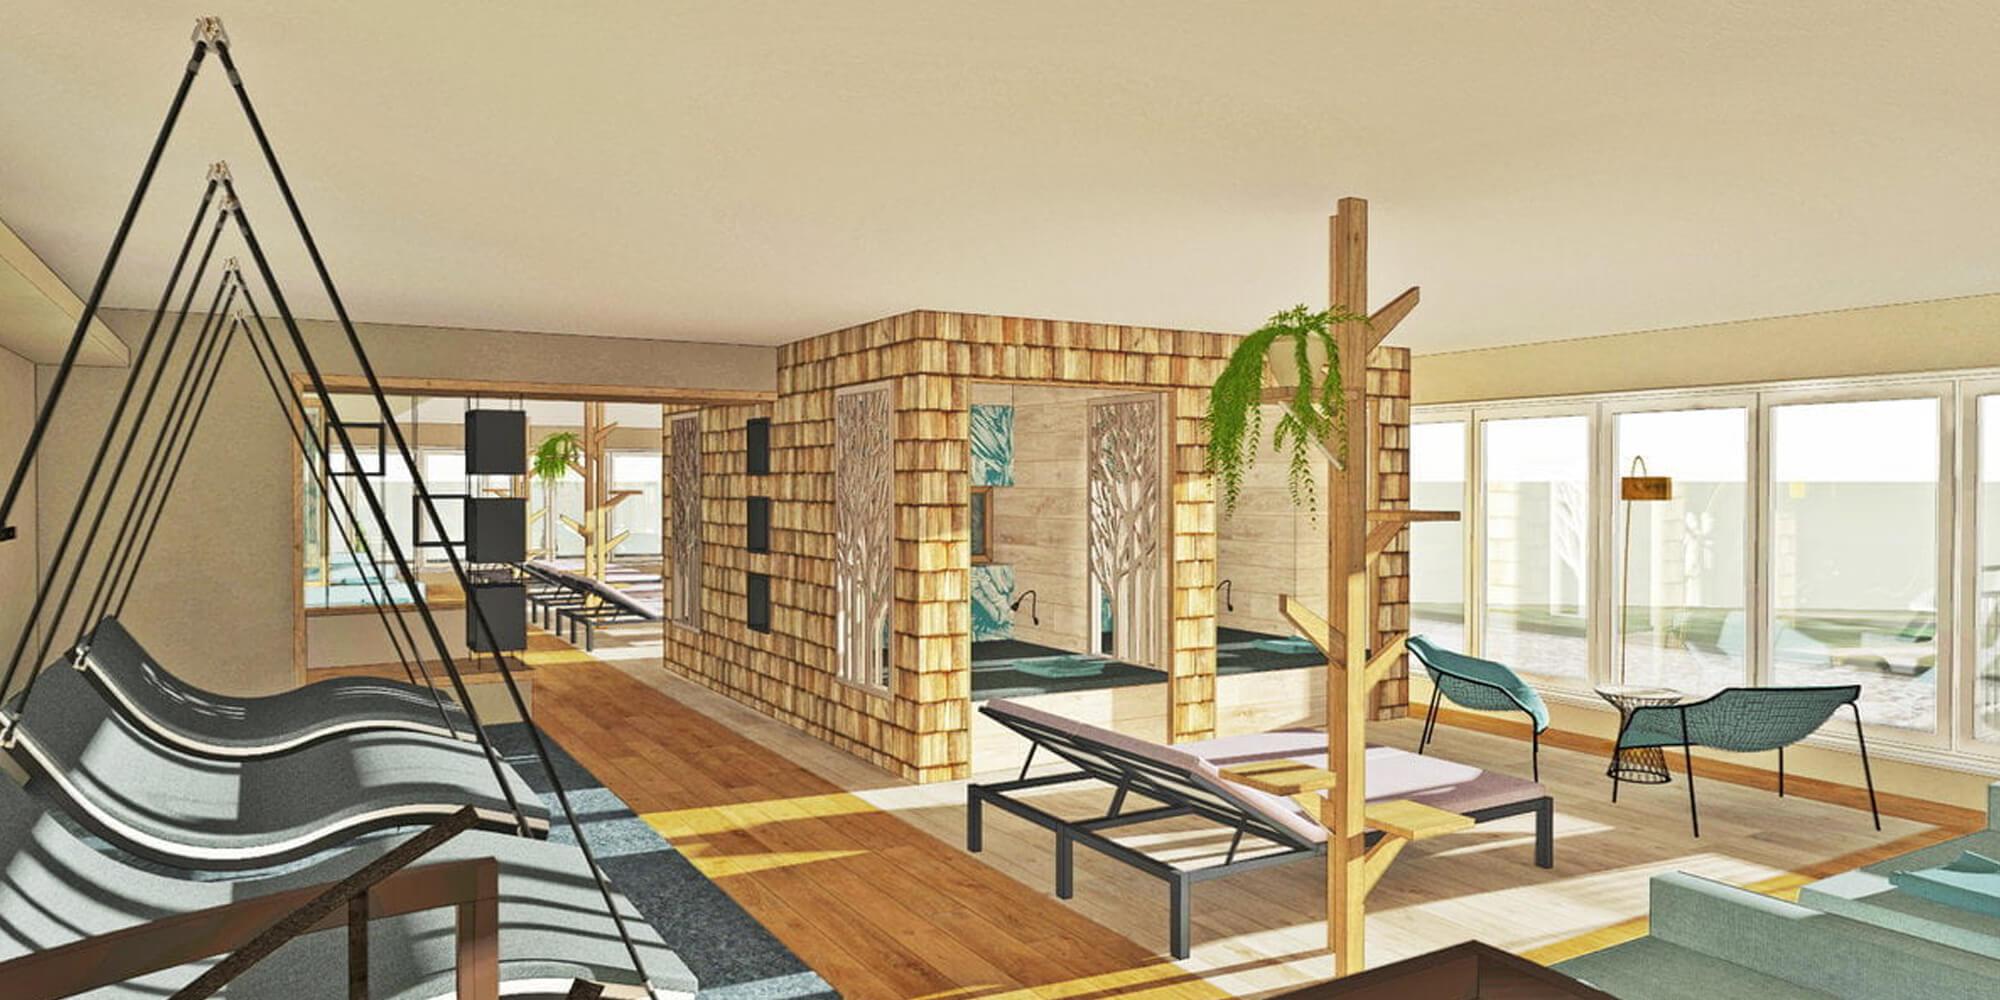 Crea-Plan-Design-Rauch-Frühmann-Architektur-Innenarchitektur-Design-Projekt-Referenz-Hotelerie-Gastronomie-Hotel-Guglwald-Wellness-J